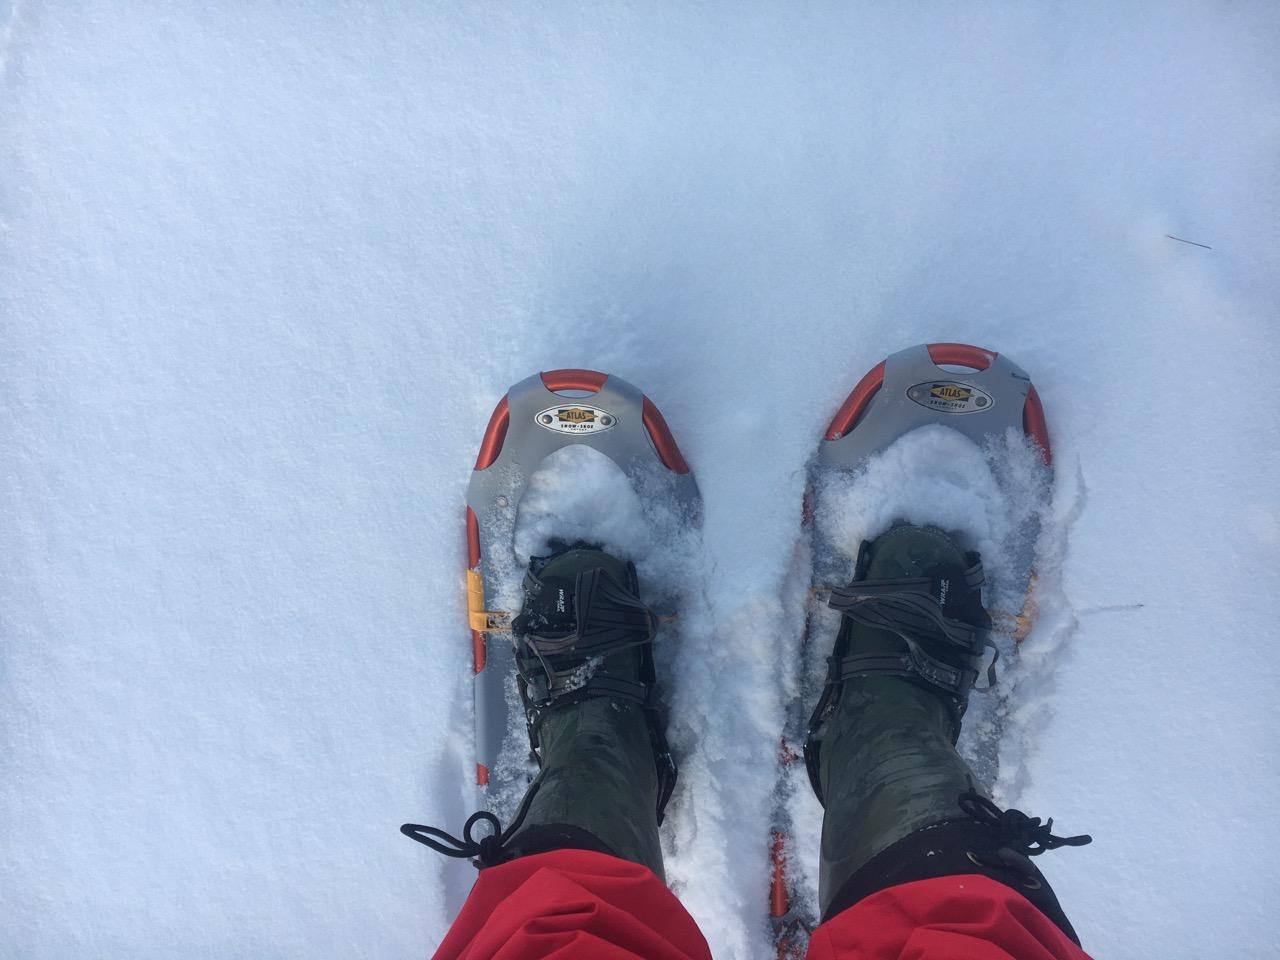 Winter at Wabatongushi #1